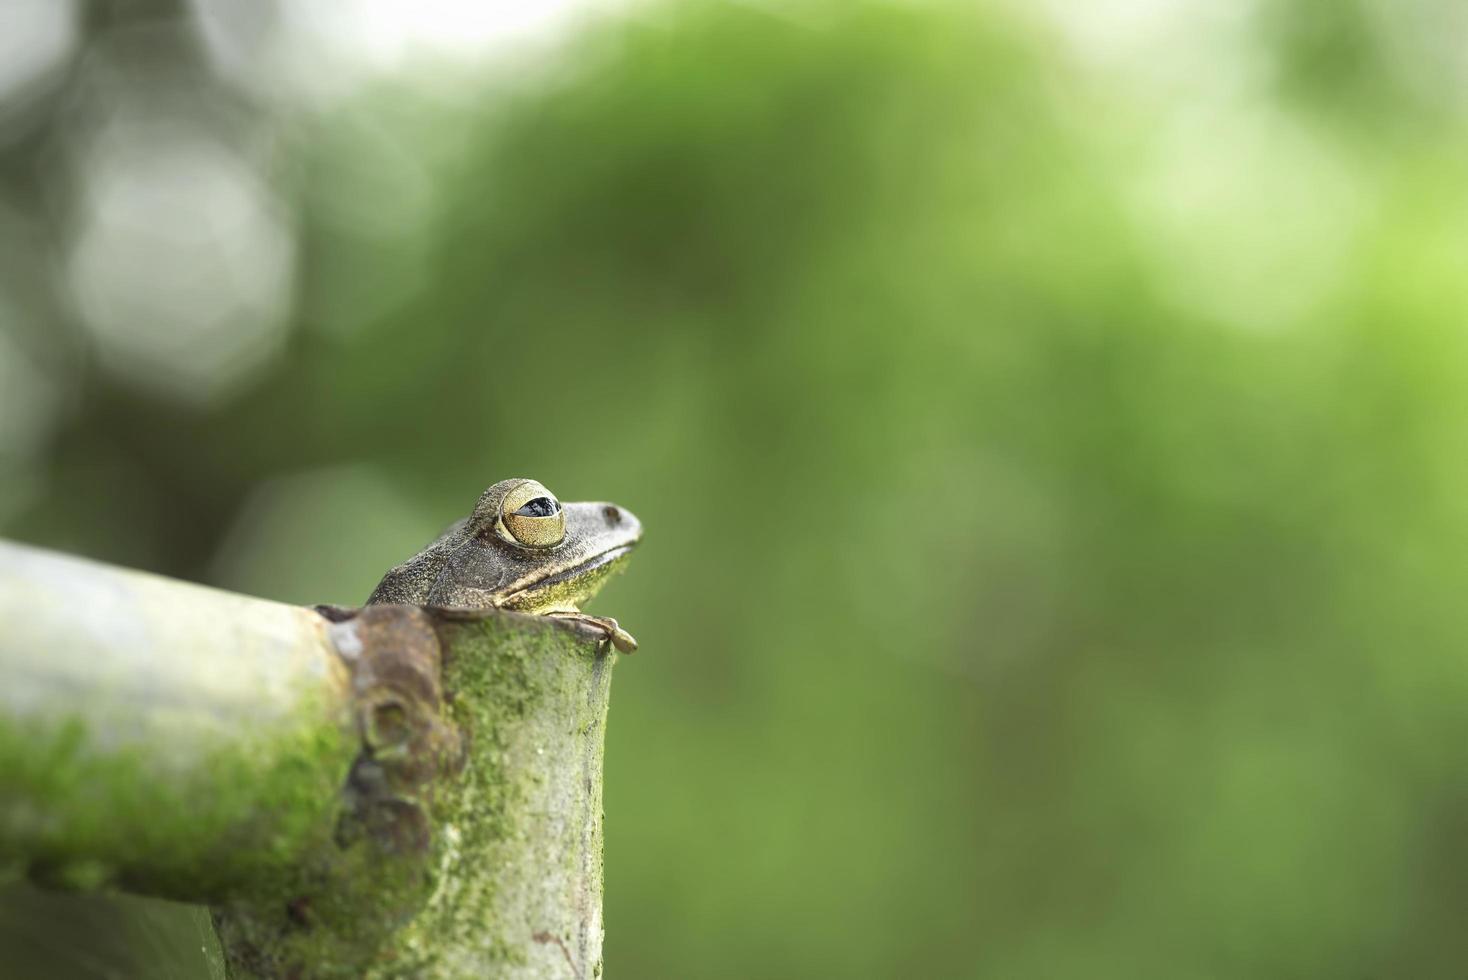 gemeenschappelijke boomkikker in stalen buis foto